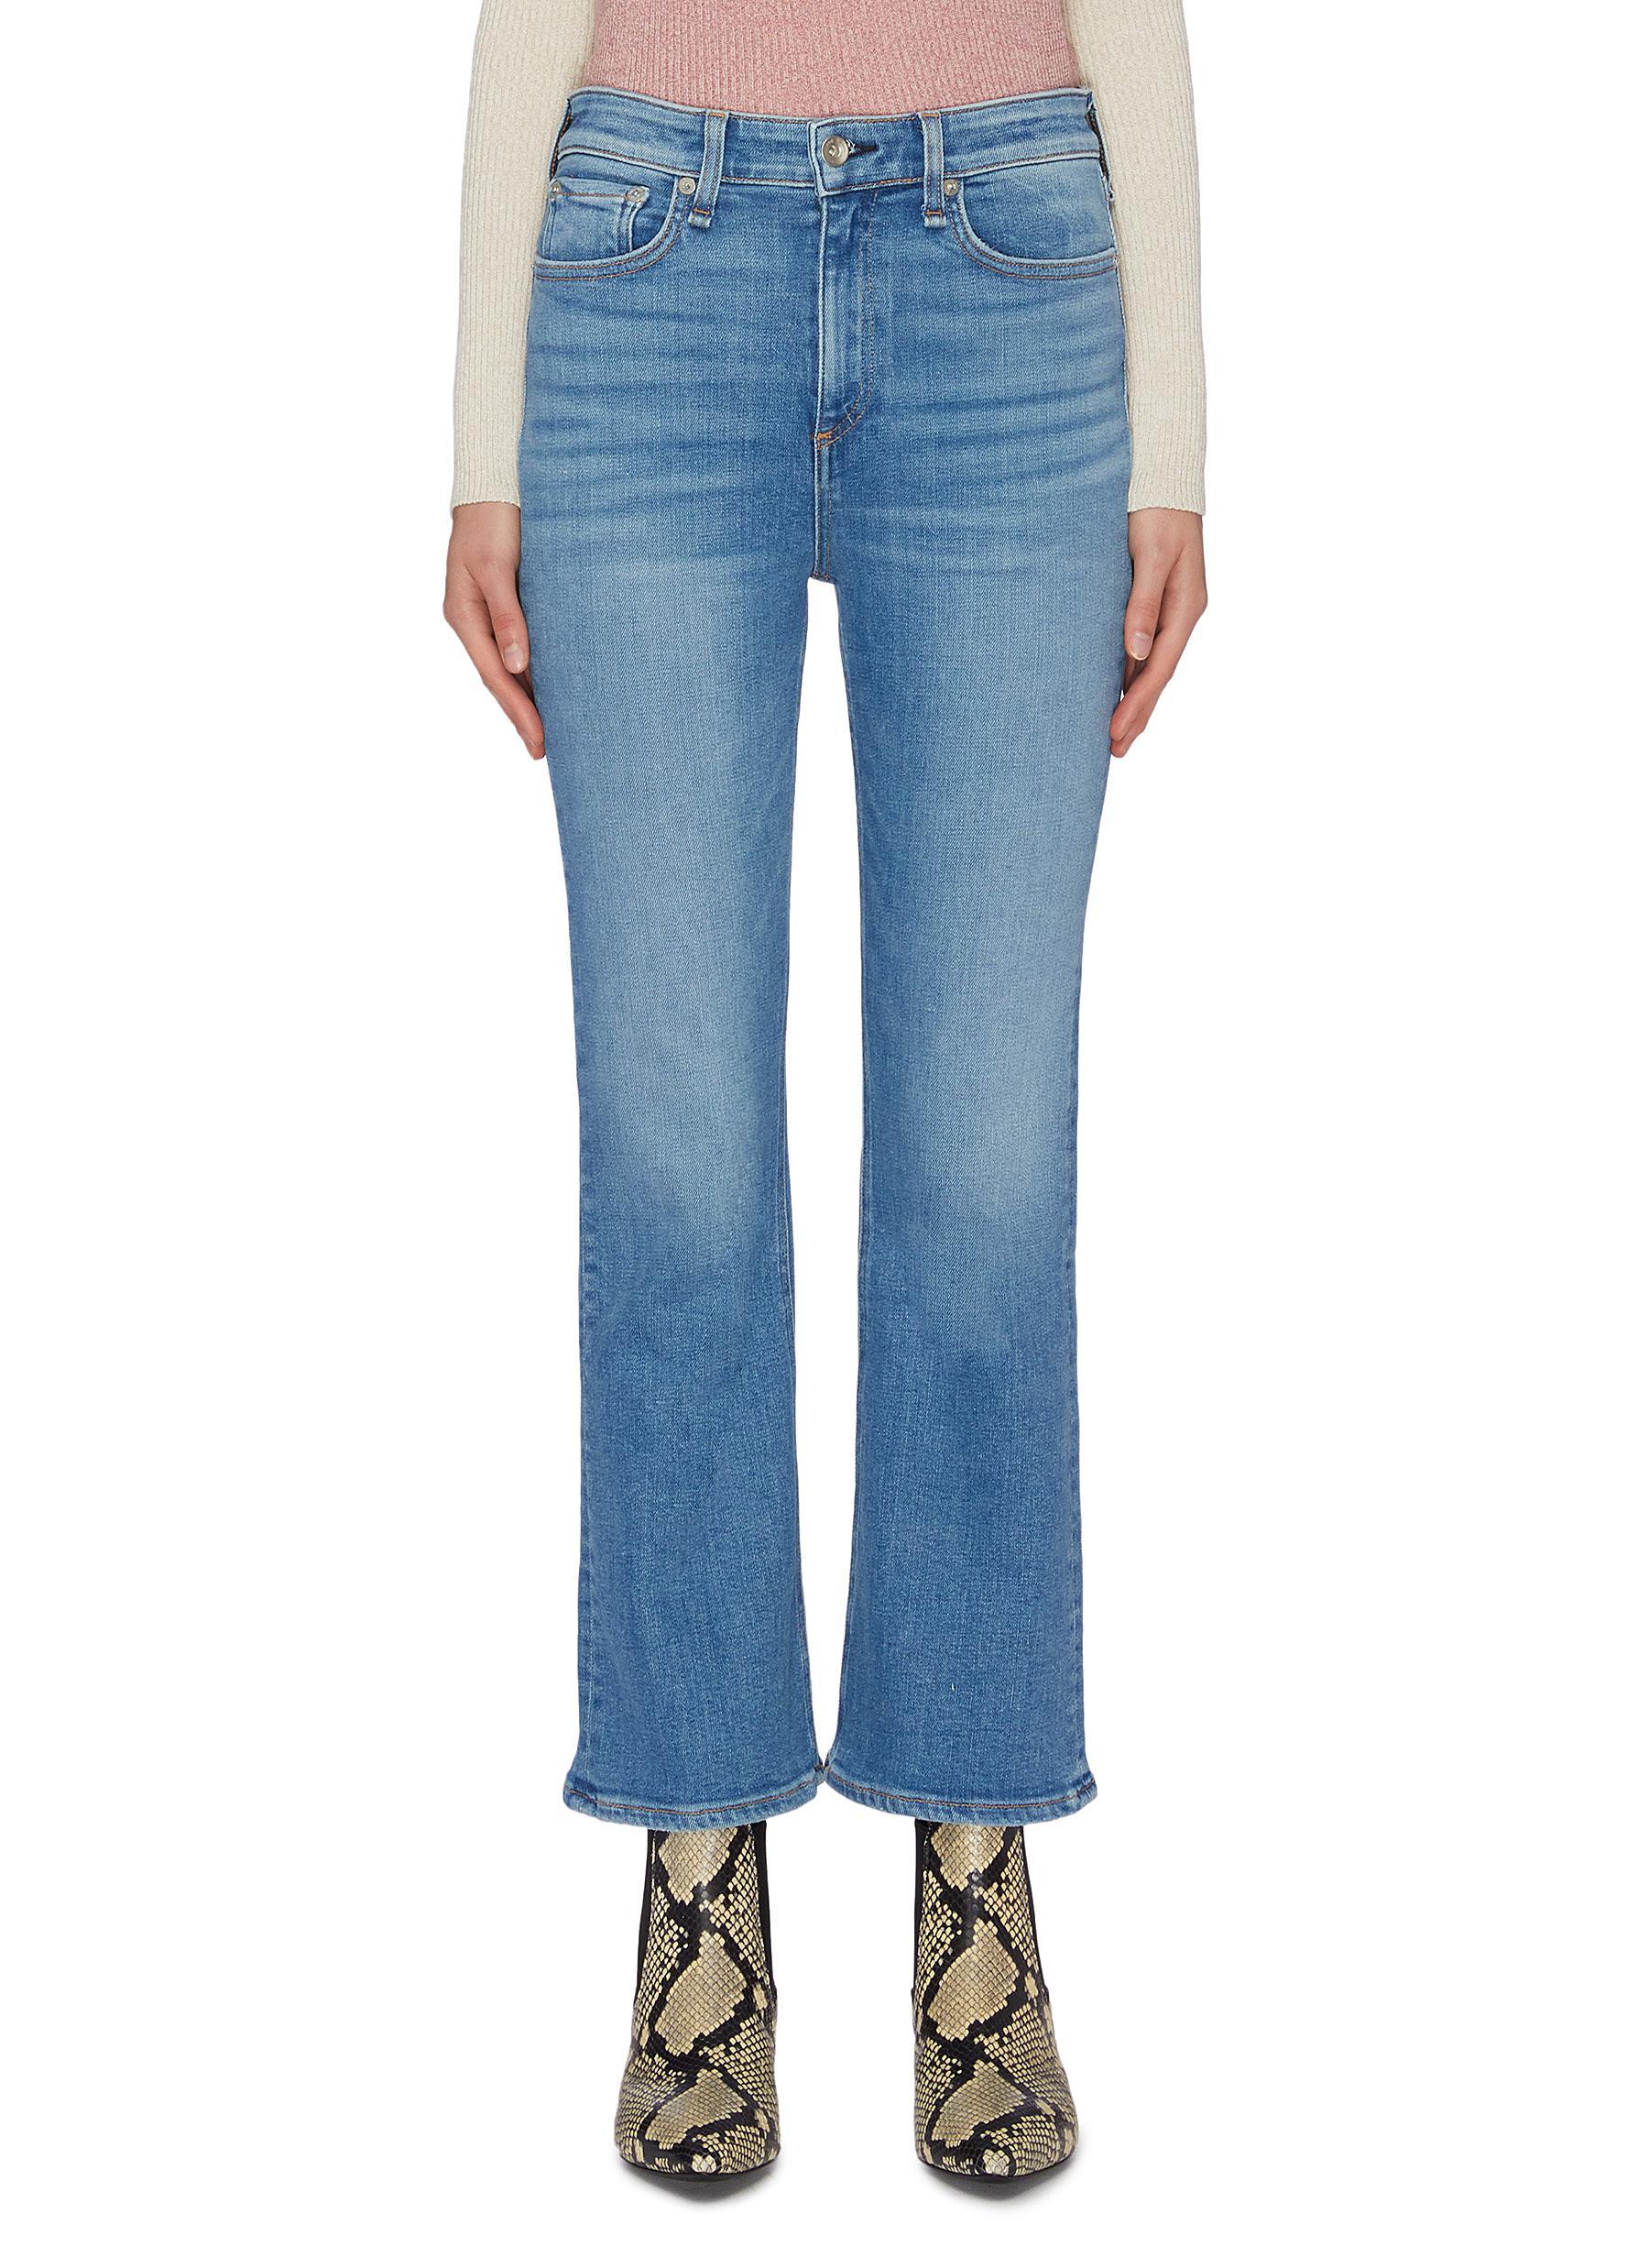 Nina flared jeans by Rag & Bone/Jean